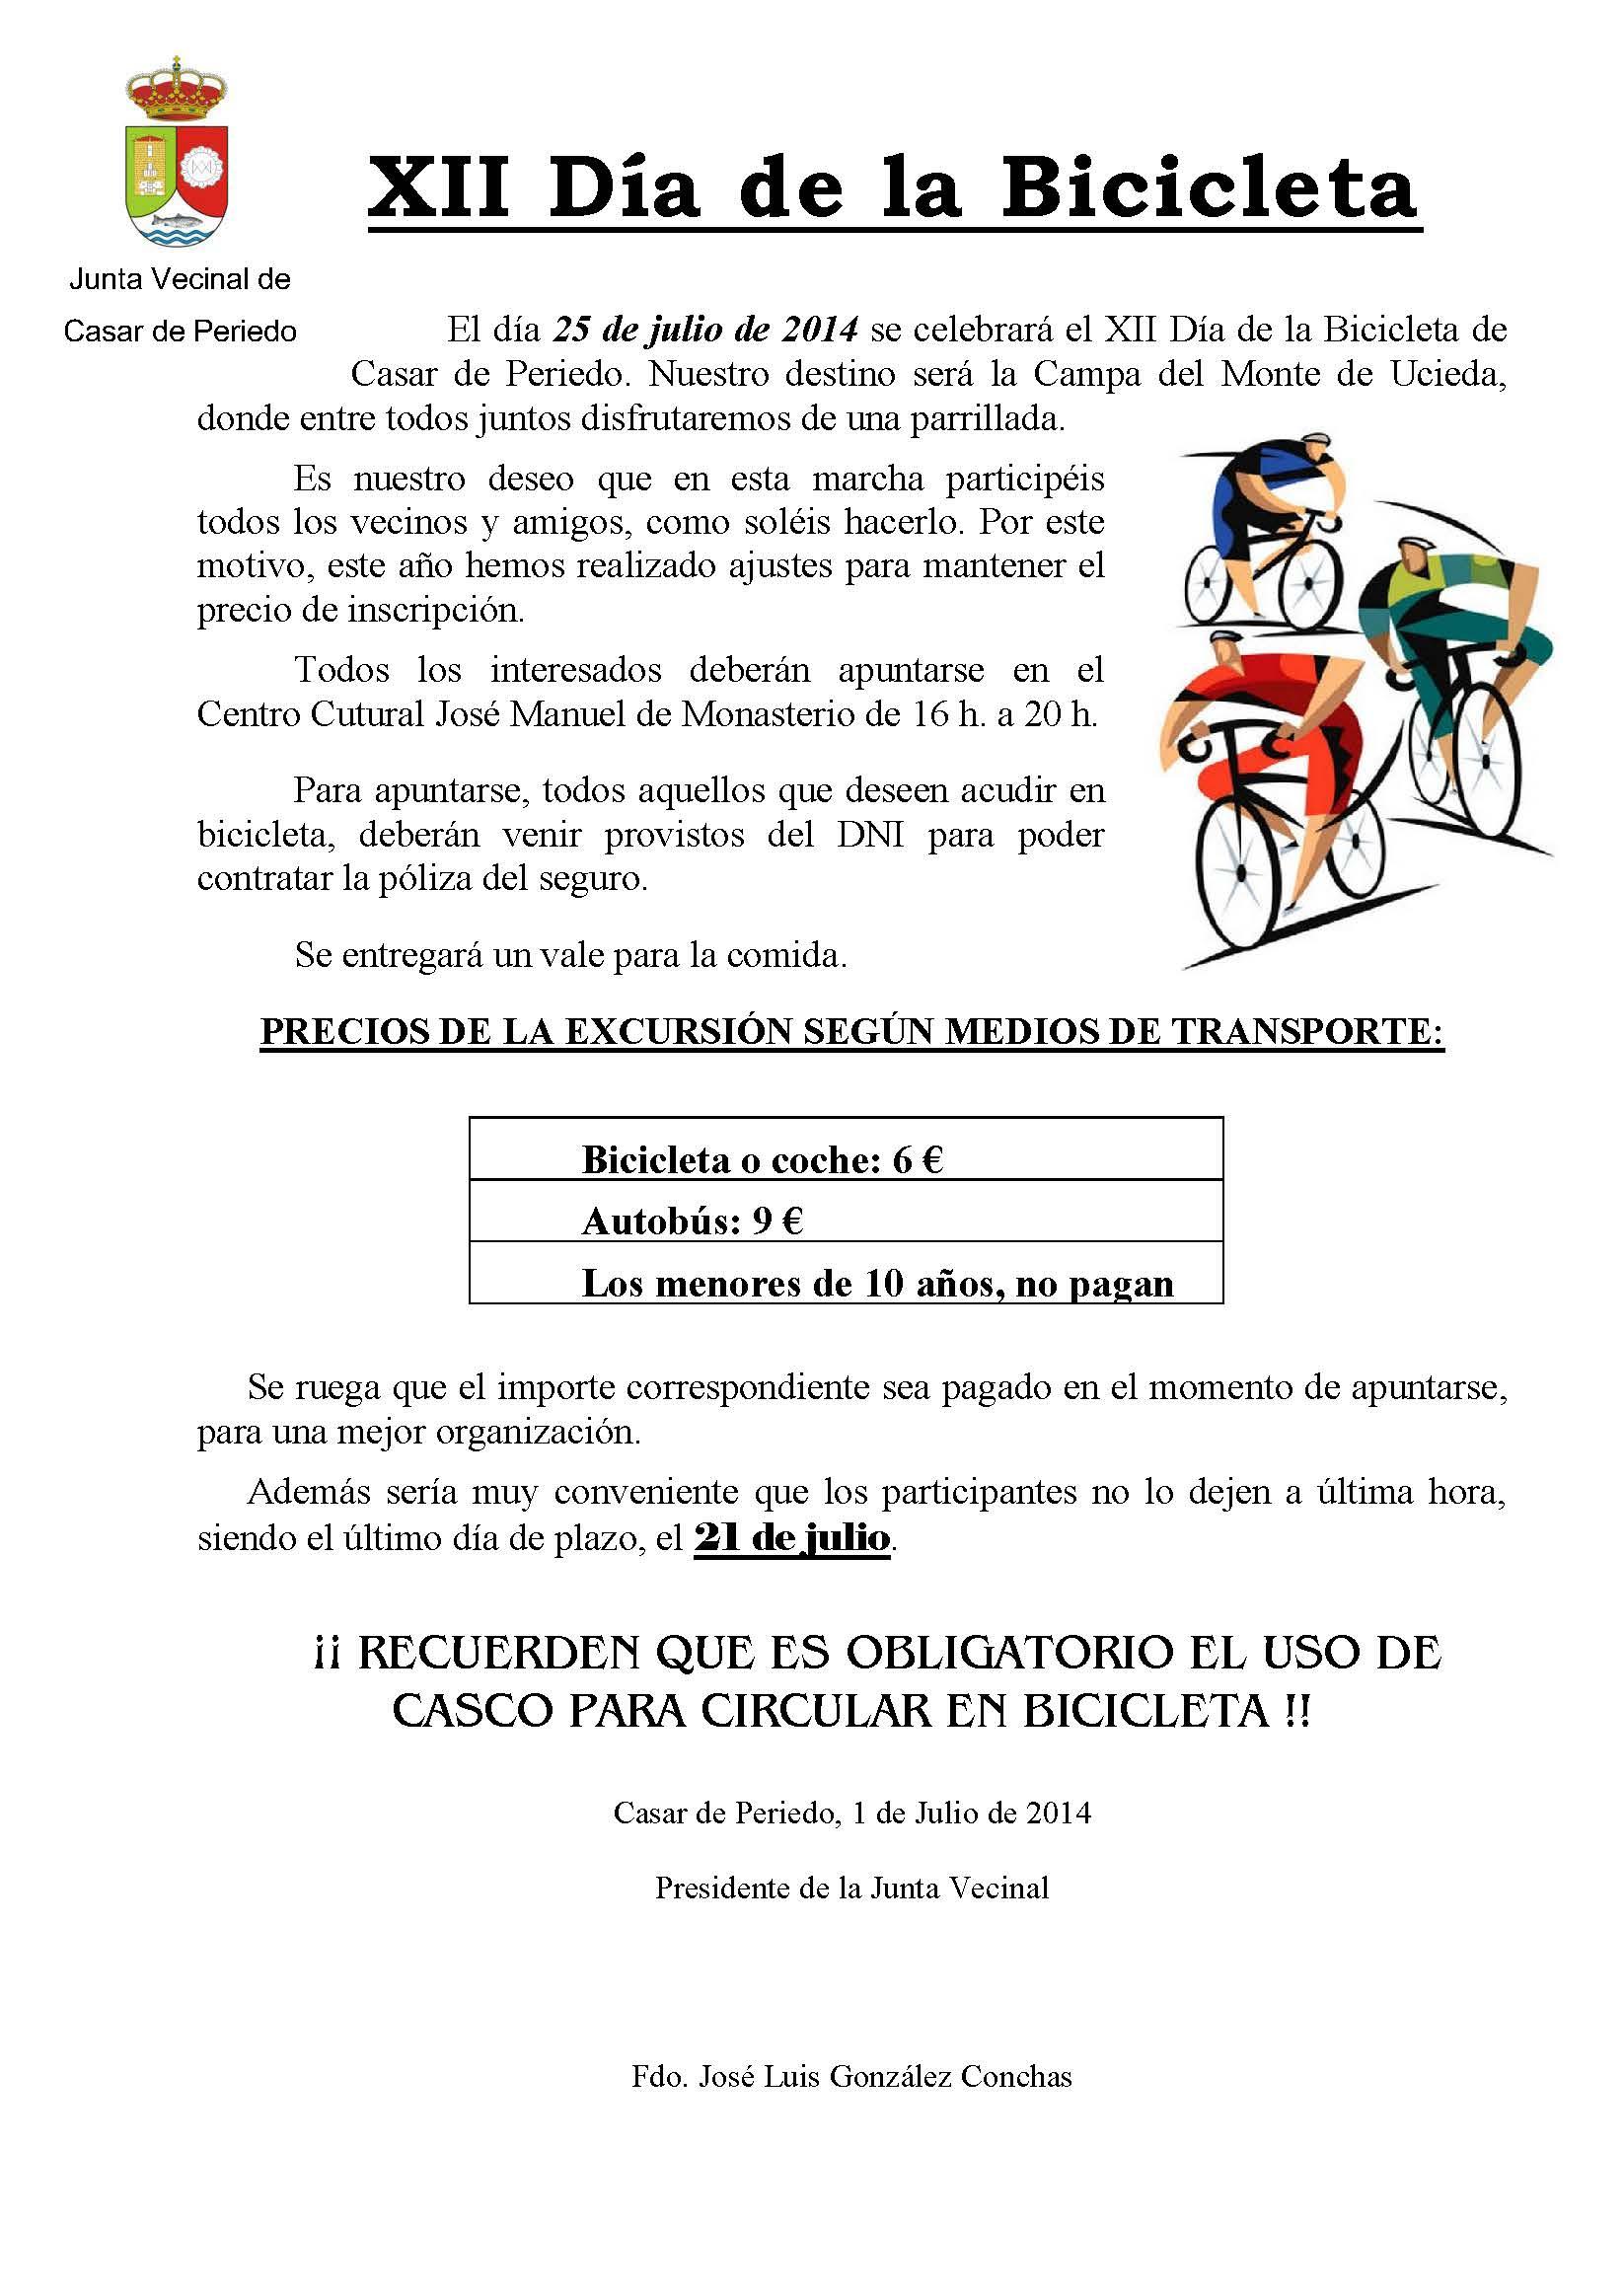 http://www.cabezondelasal.net/wp-content/uploads/2014/07/AVISO-D%C3%ADa-de-la-Bicicleta-2014.jpg